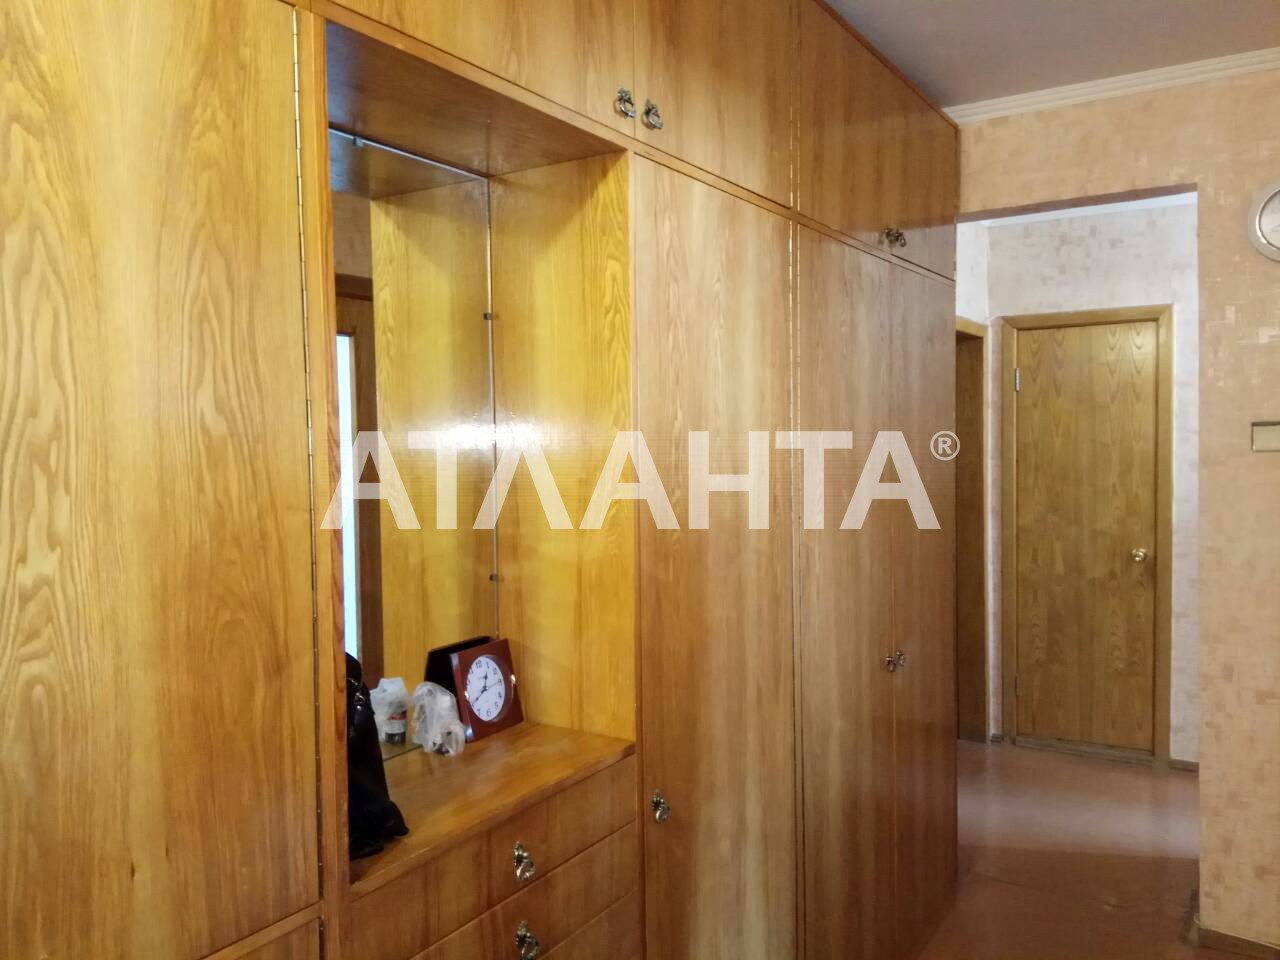 Продается 3-комнатная Квартира на ул. Королева Ак. — 44 000 у.е. (фото №13)